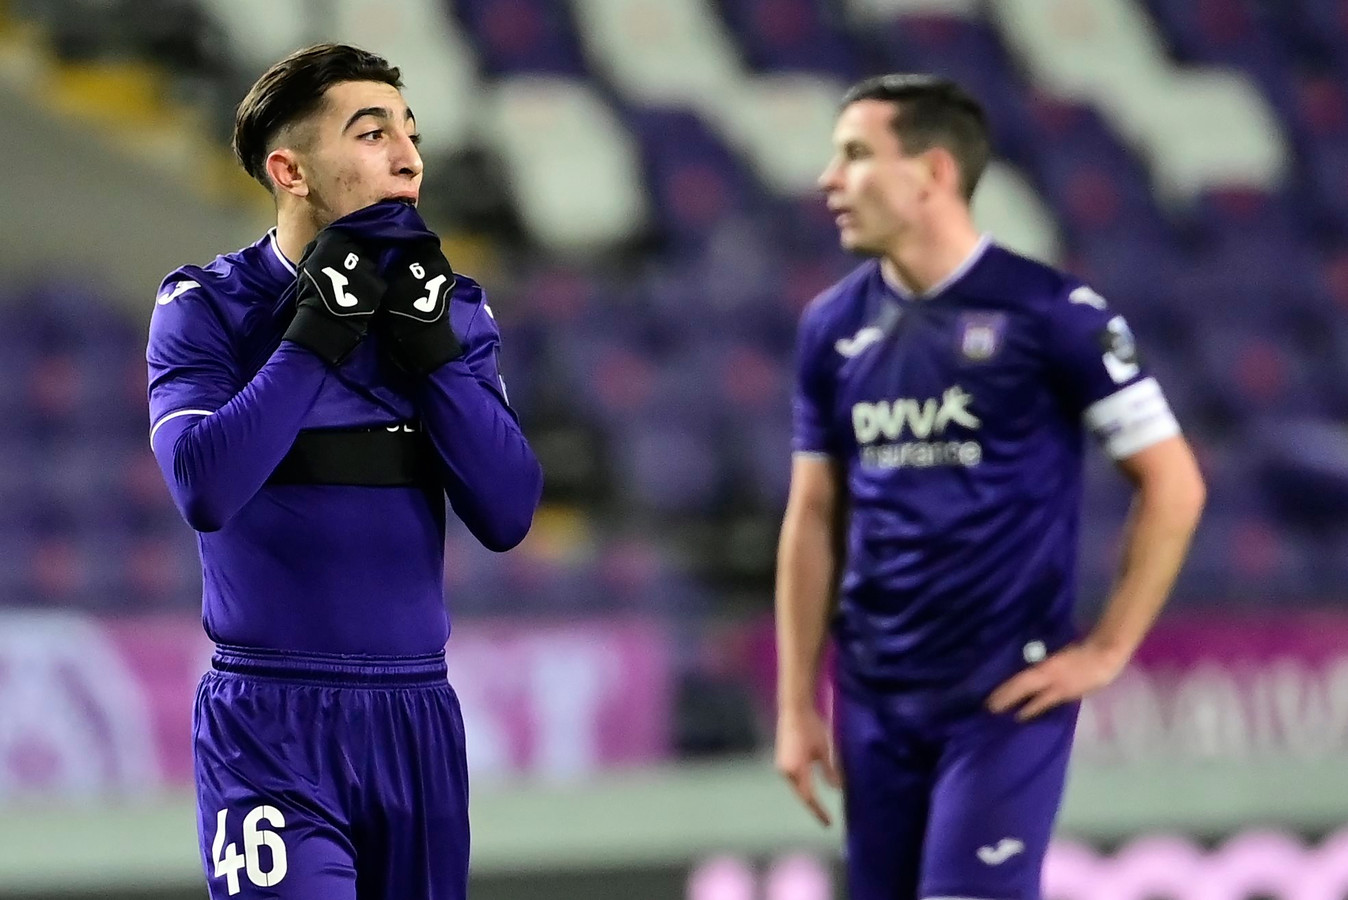 Marqué pas de chance pour Anouar Ait El Hadj qui attend toujours le premier but de sa carrière professionnelle et qui a touché les montants à deux reprises vendredi.